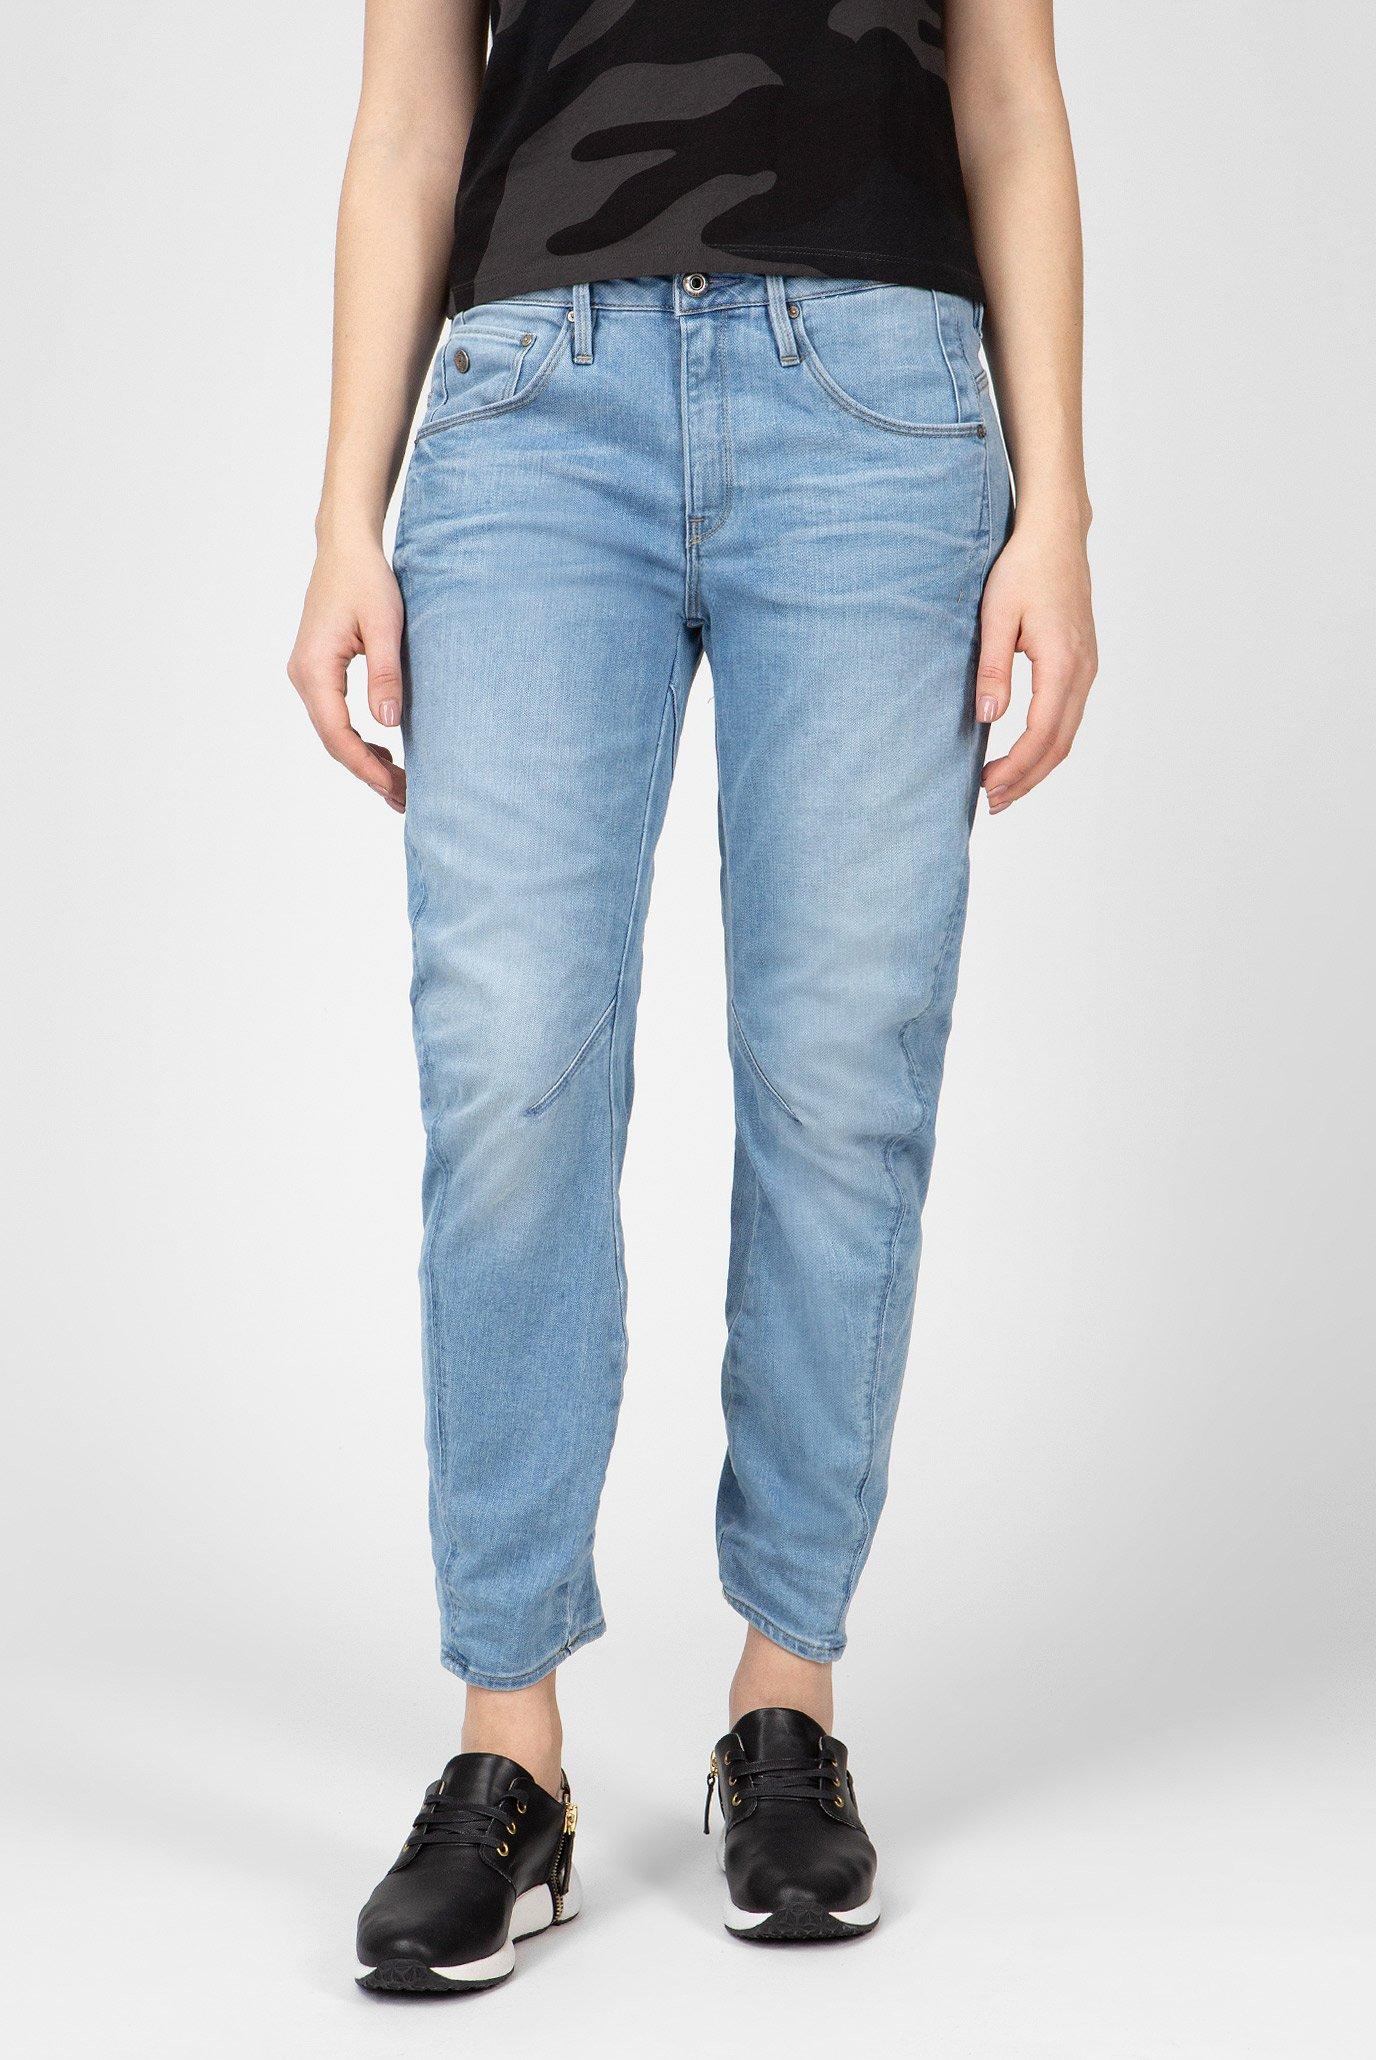 Купить Женские голубые джинсы ARC G-Star RAW G-Star RAW 60892,6553 – Киев, Украина. Цены в интернет магазине MD Fashion